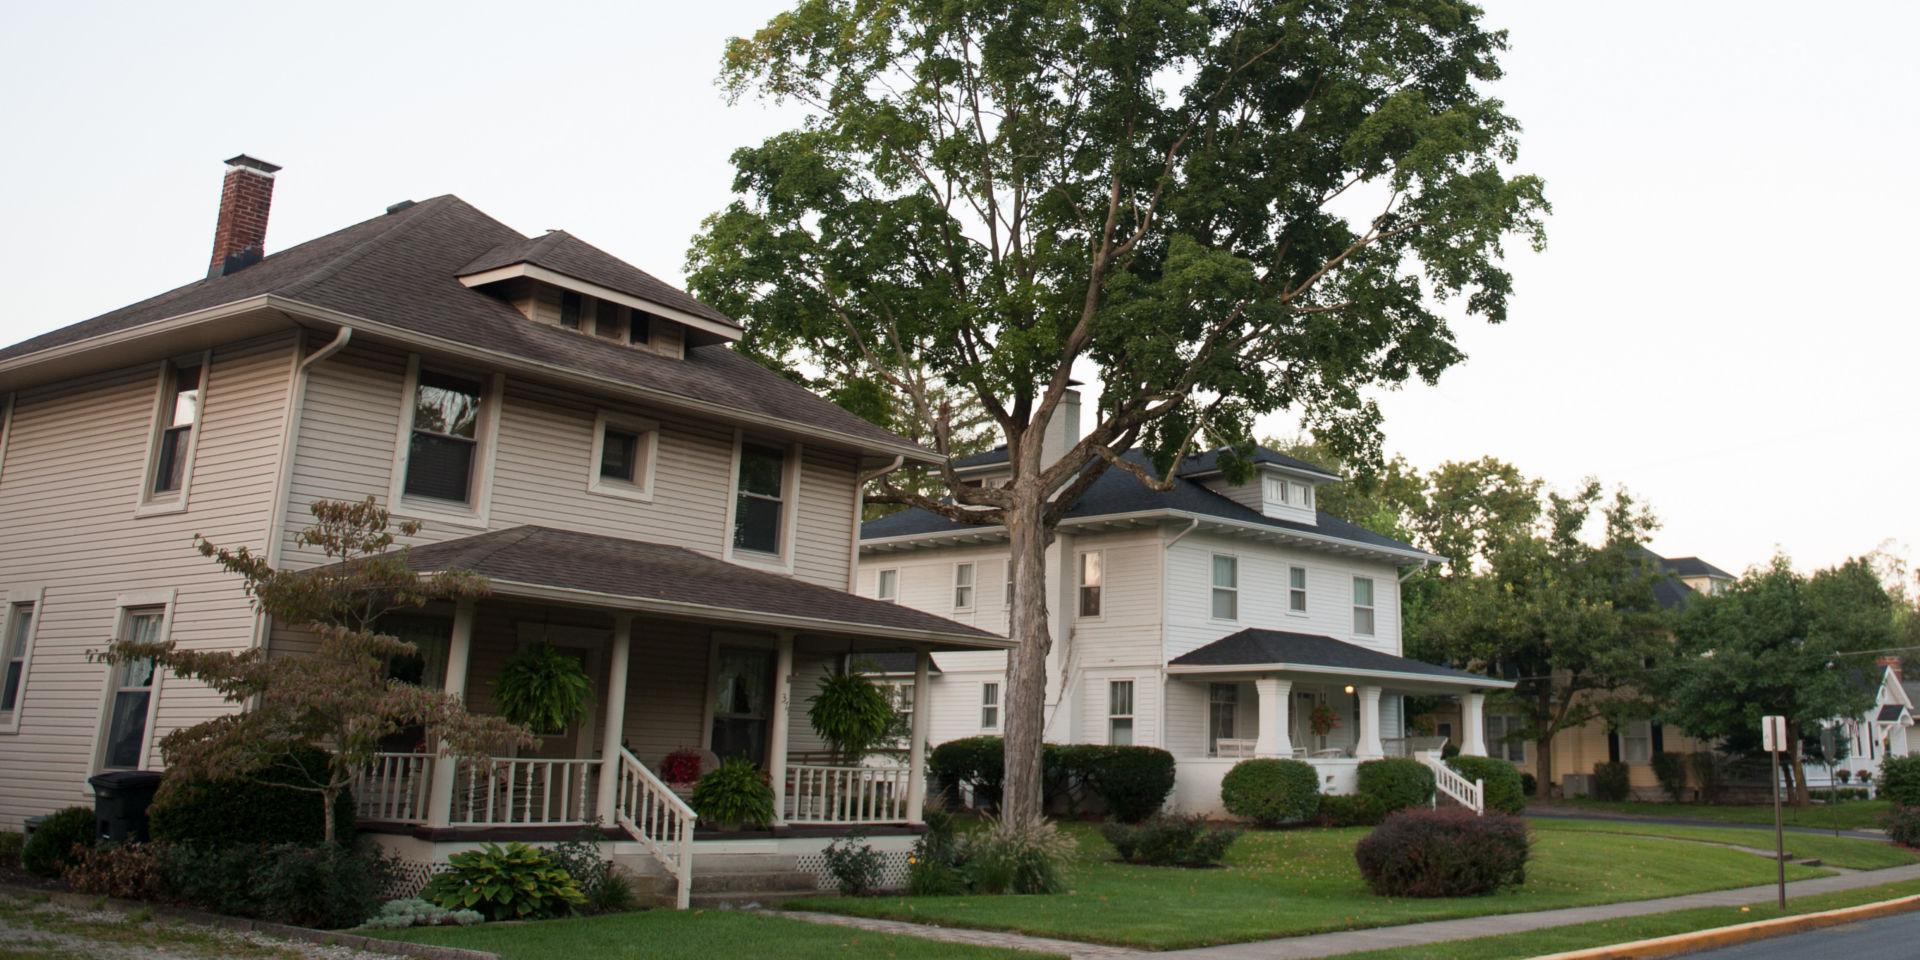 Home Renovation Permits